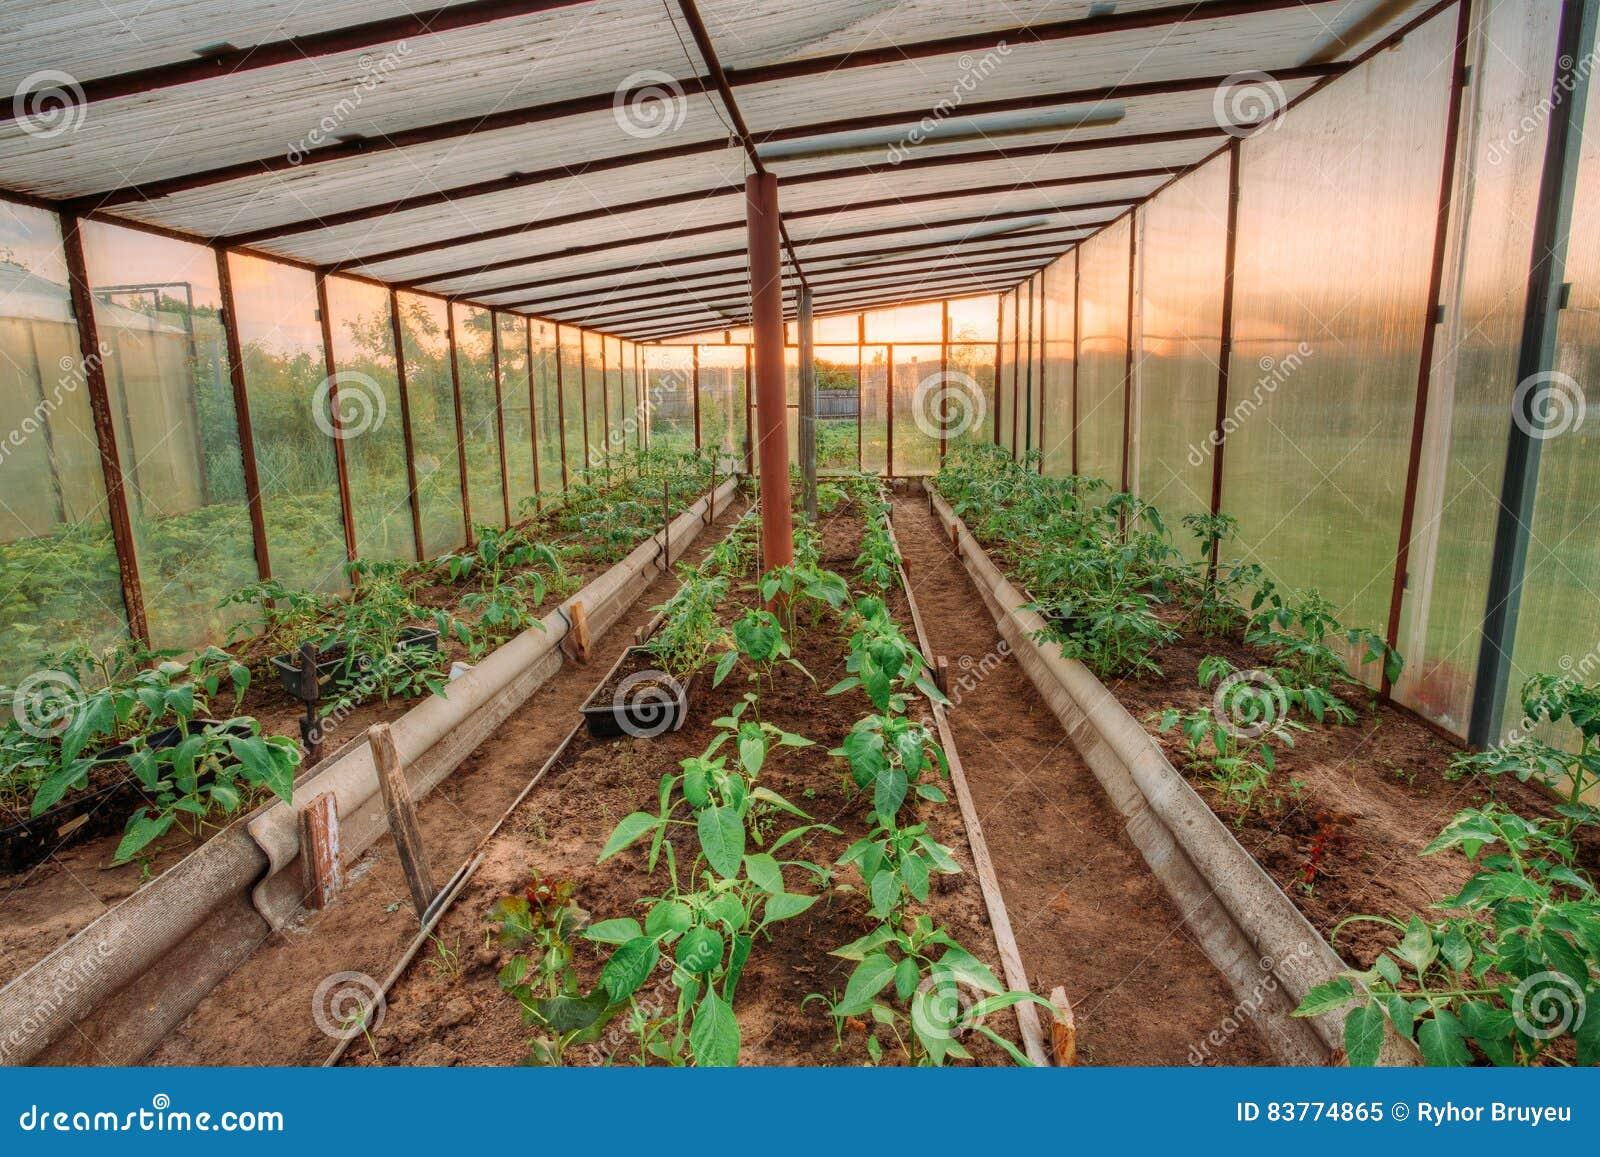 Tomaten Gemuse Zucht In Den Hochbeeten Im Gemusegarten Stockbild